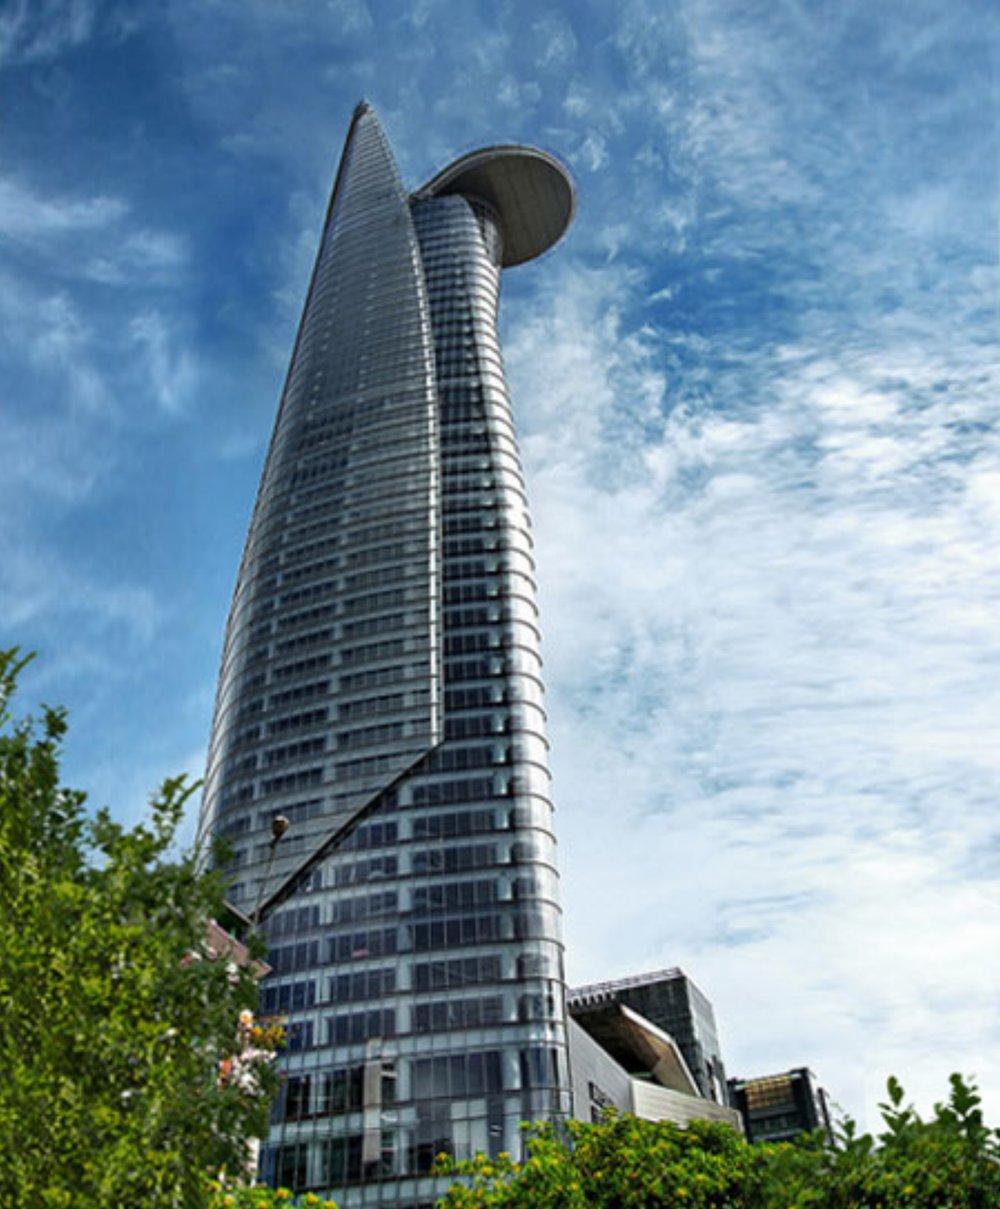 Bitexco Financial Tower tự hào là biểu tượng kiến trúc của TPHCM